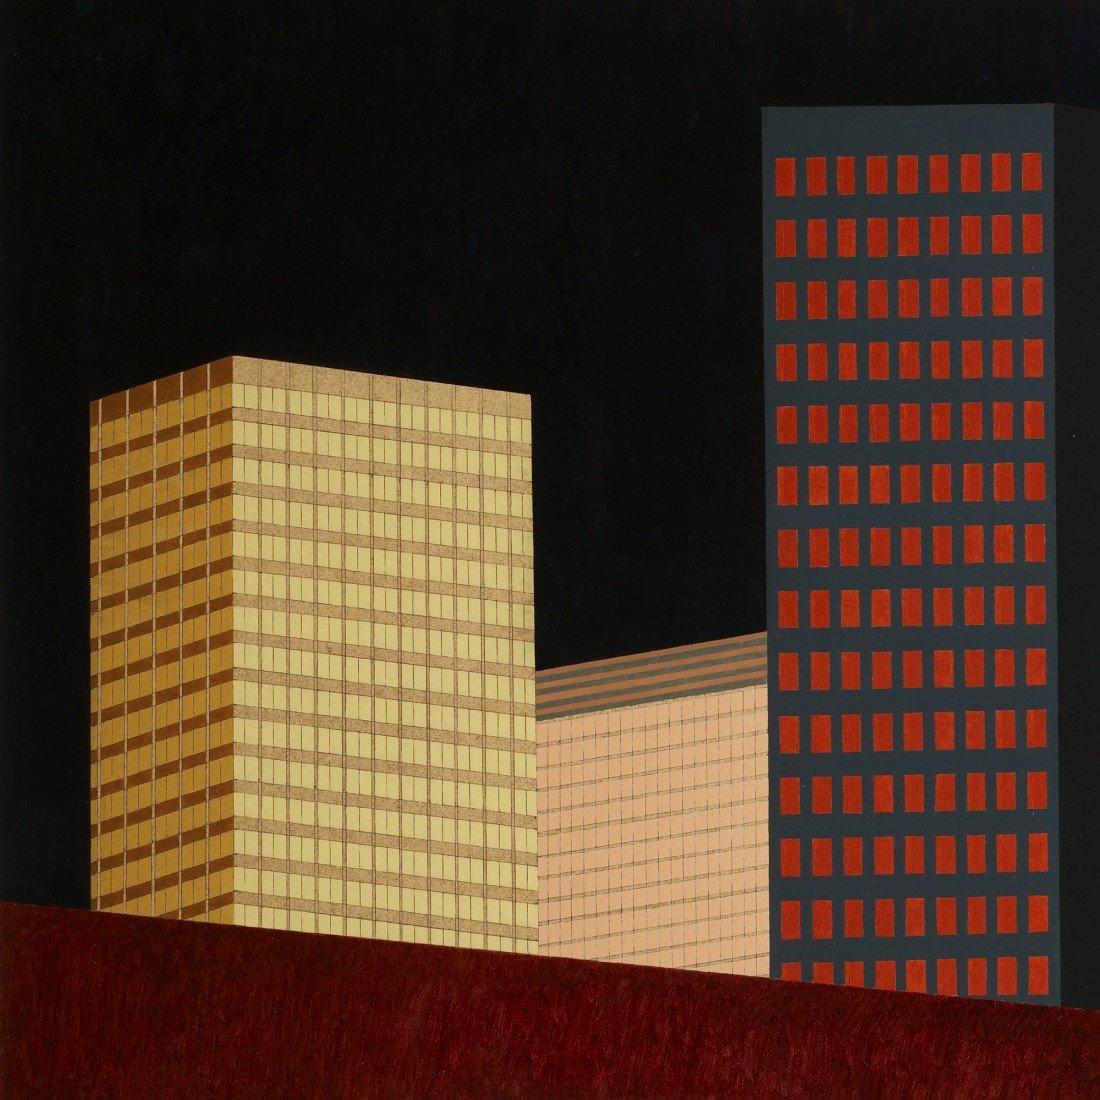 113: Robert Herrmann Night Buildings